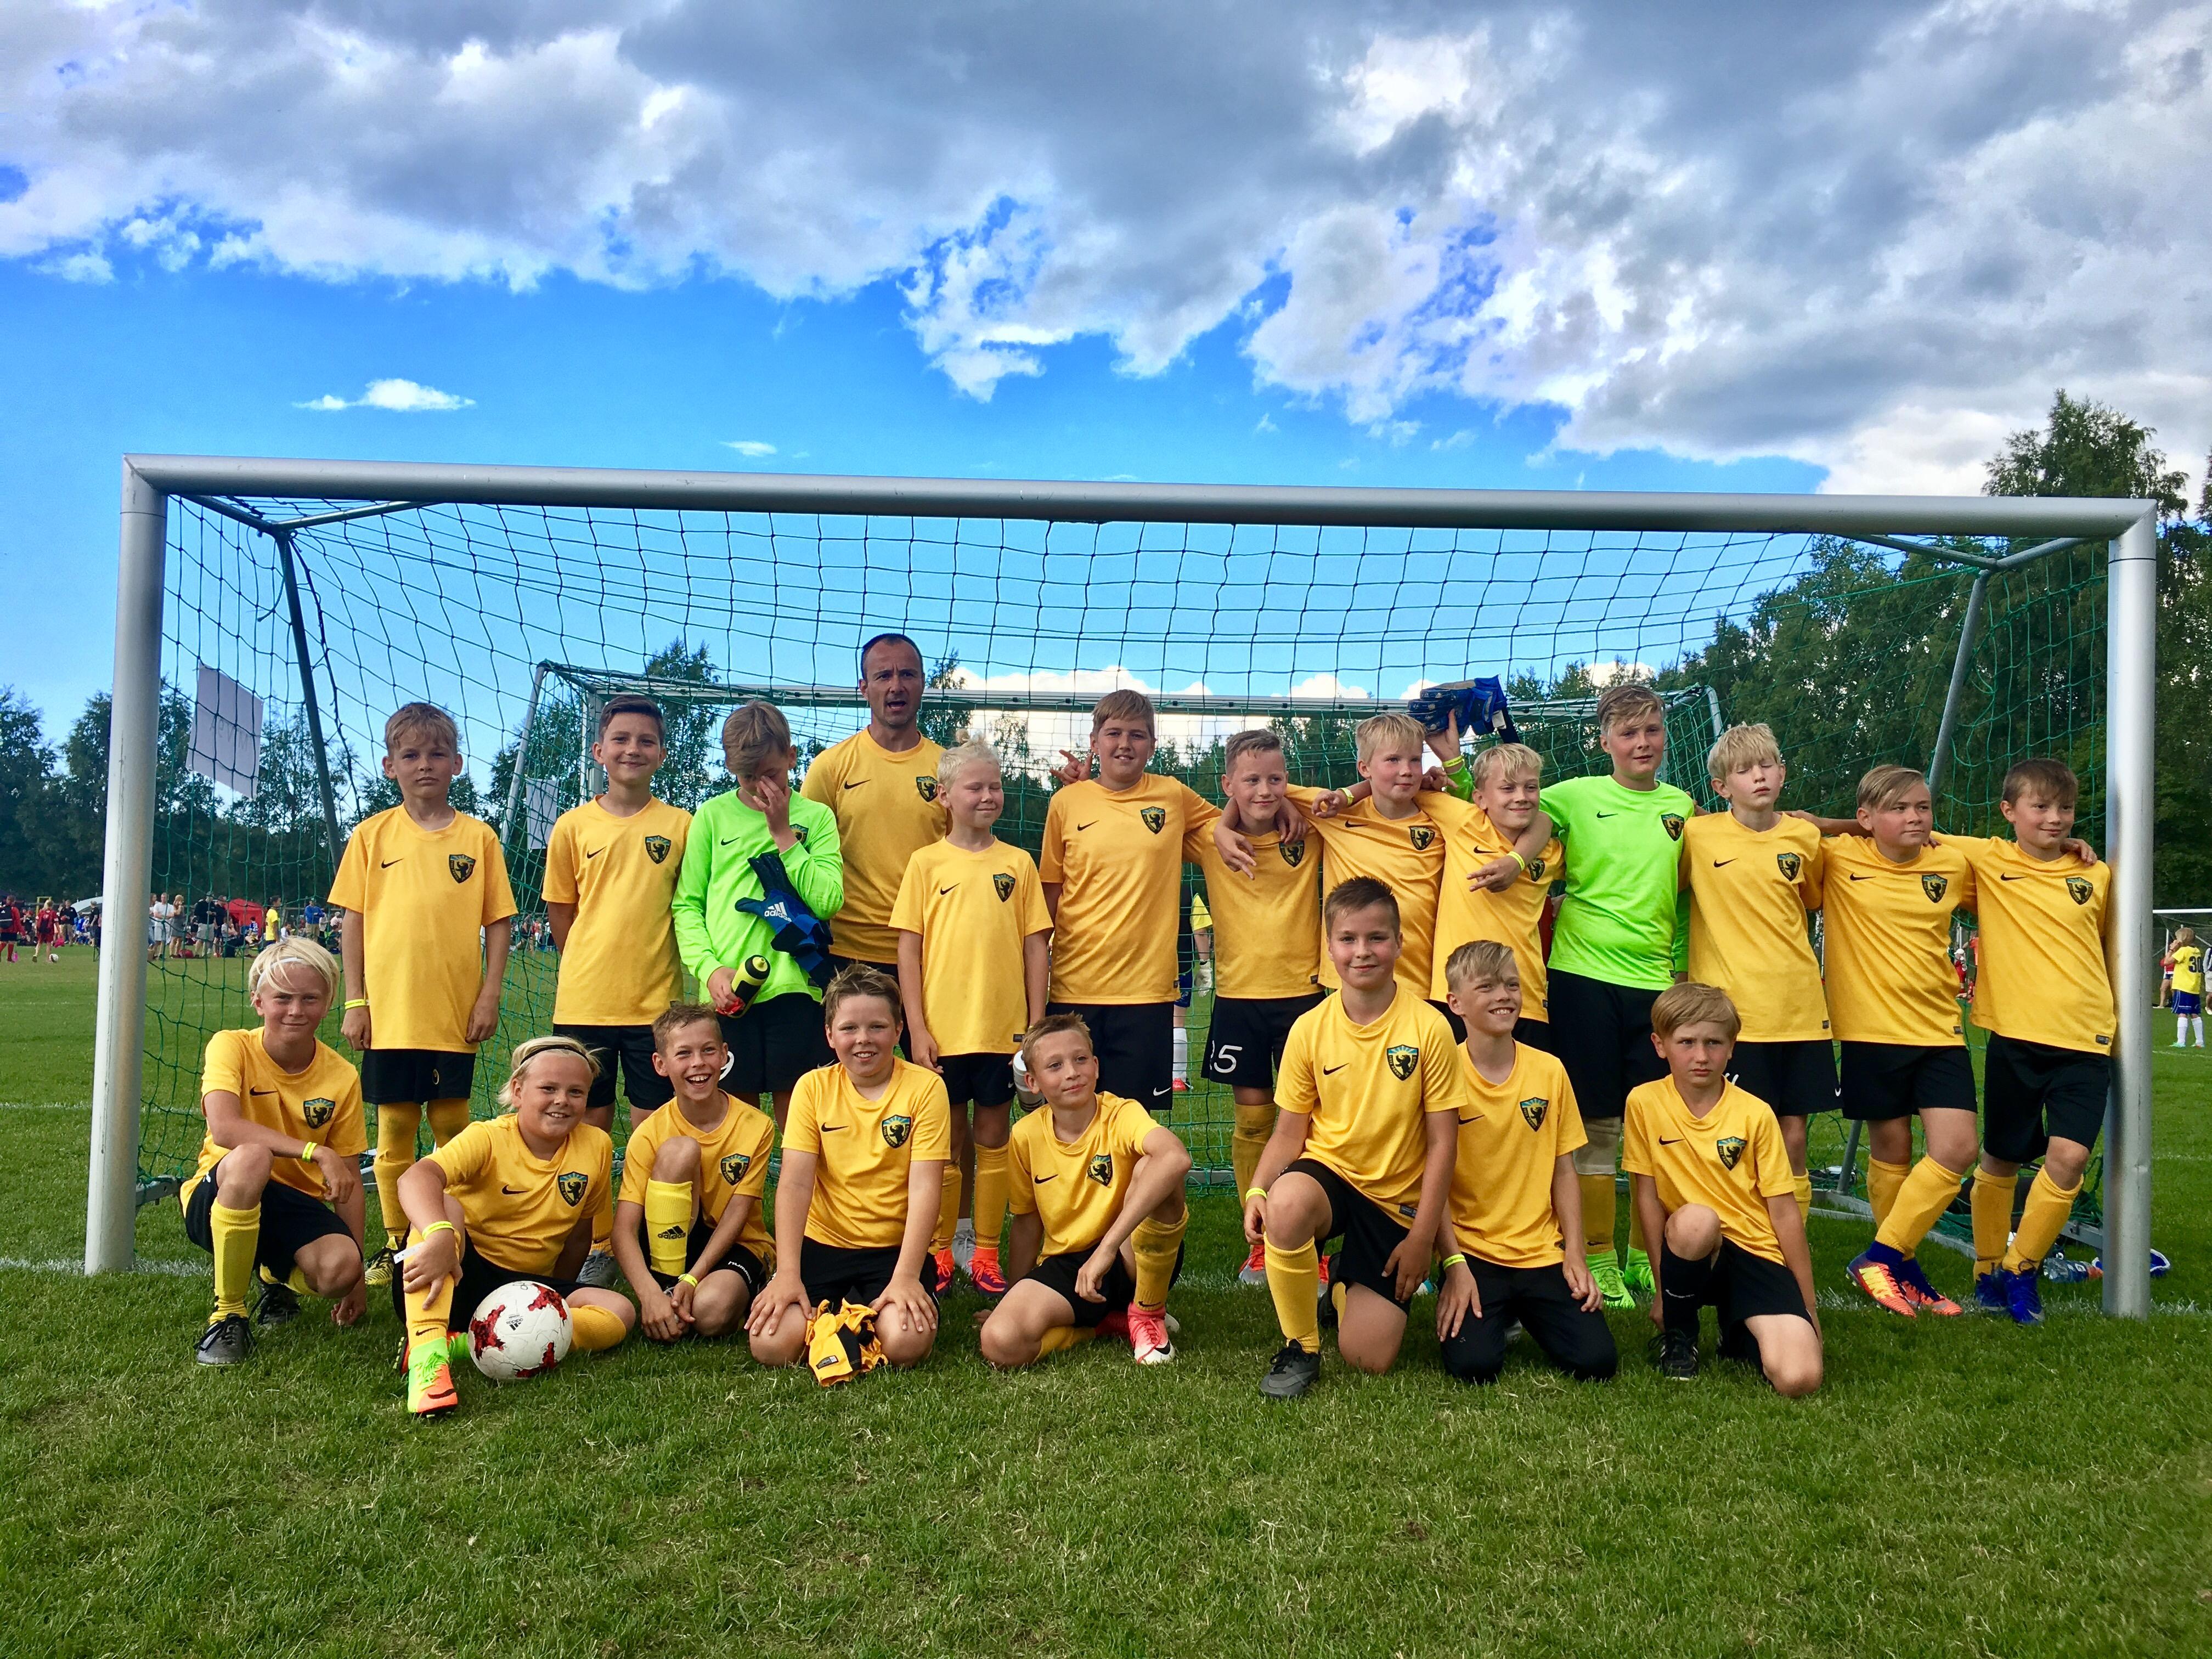 Wasa Footballcupilt U12 poistele 7 ja 9 koht!